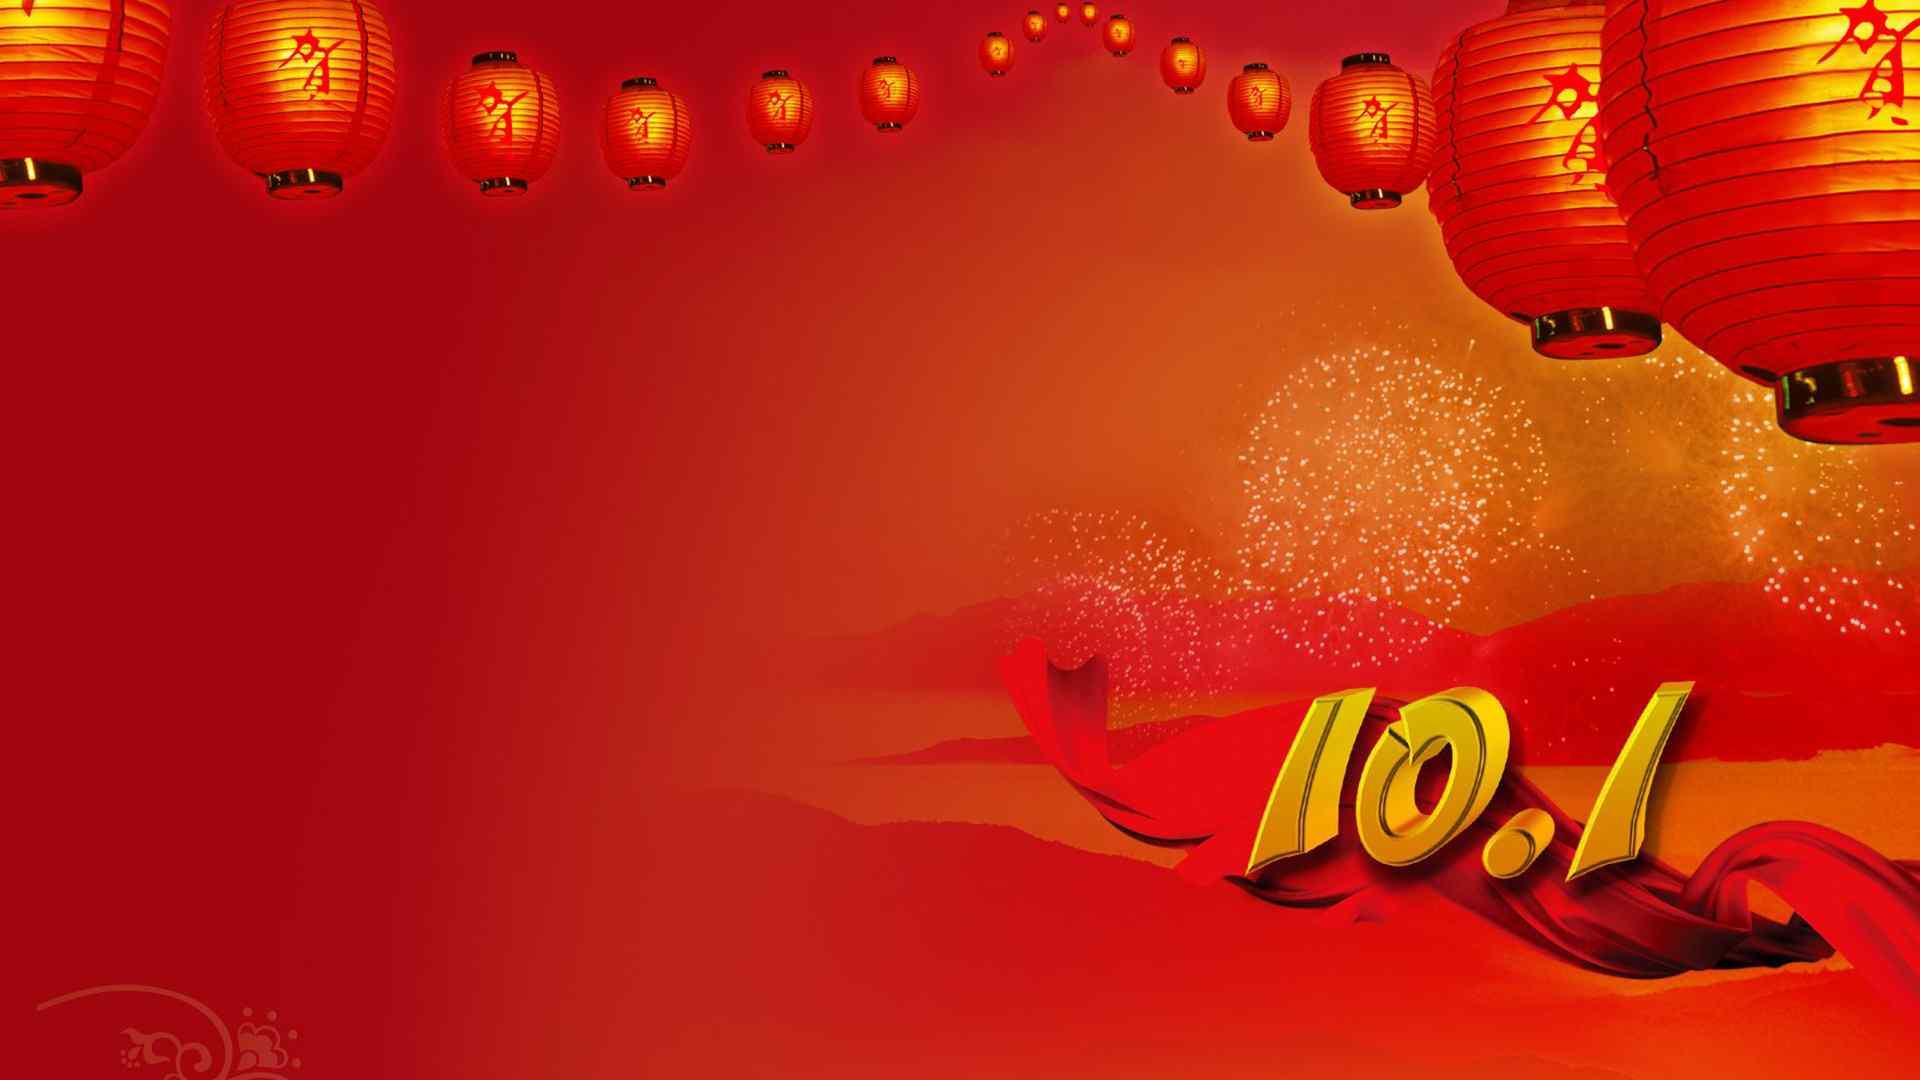 十一国庆节红色素材图片壁纸